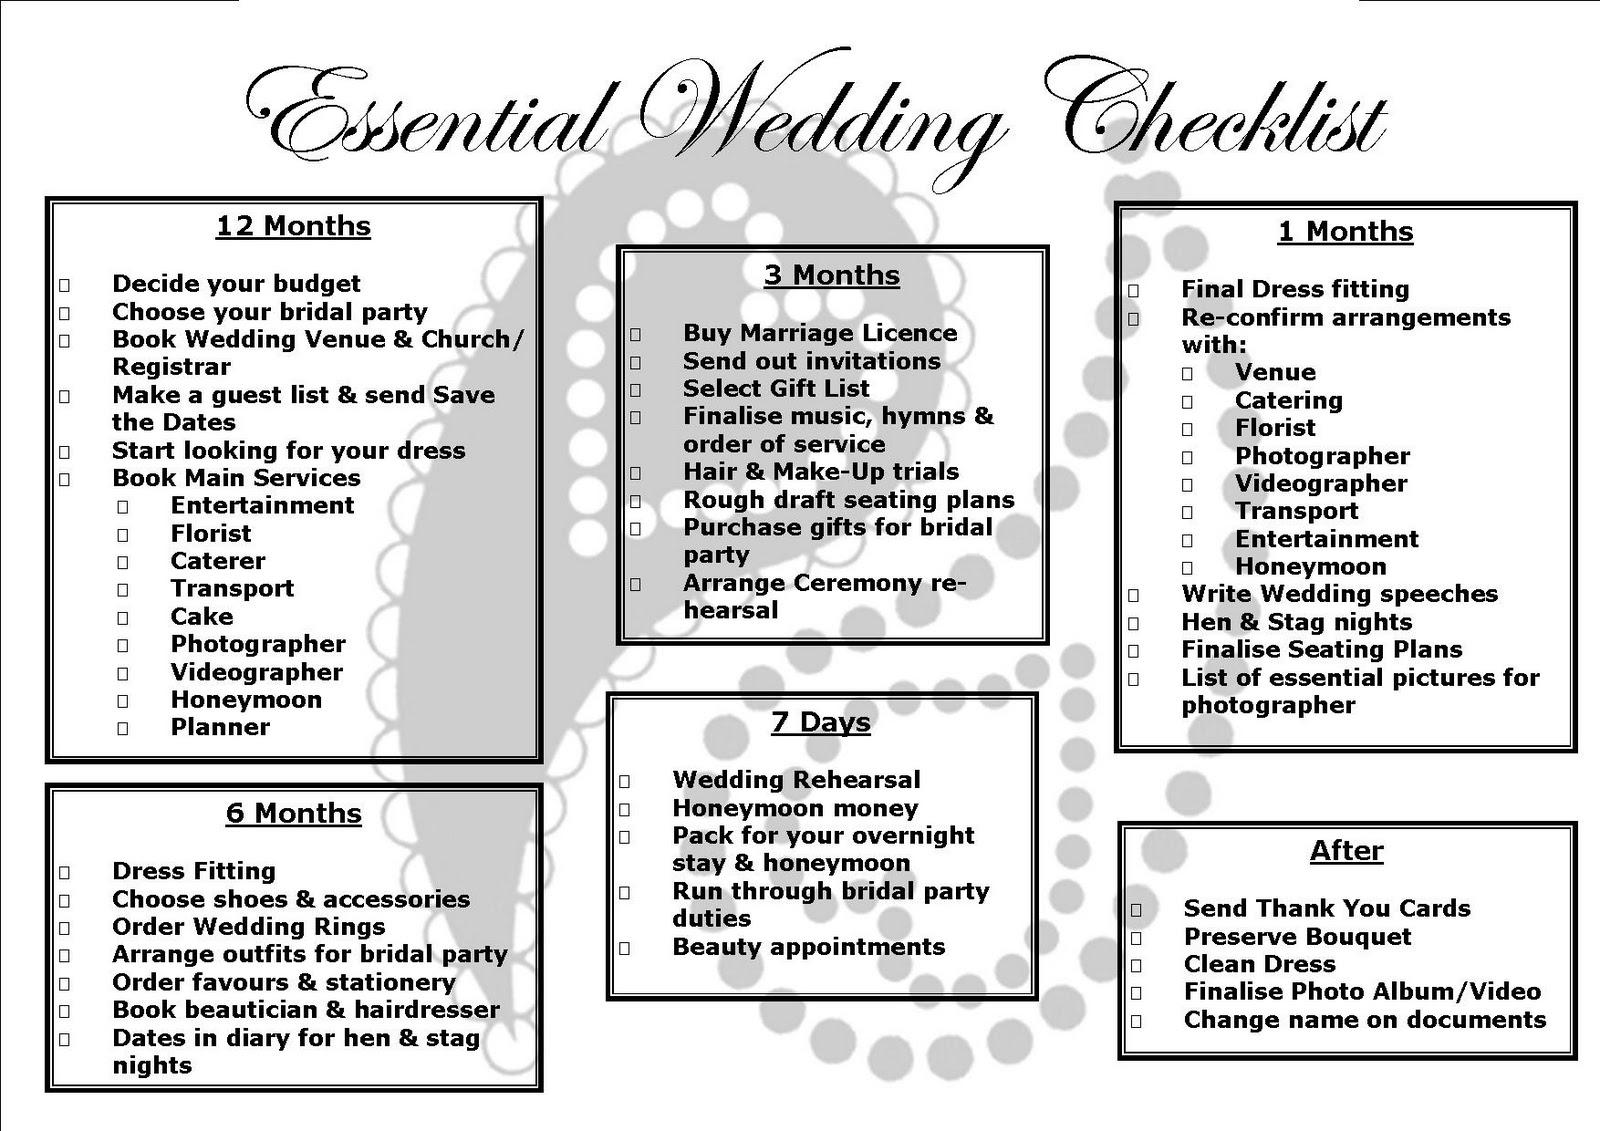 Renfrewshire Wedding Directory: Essential Wedding Checklist